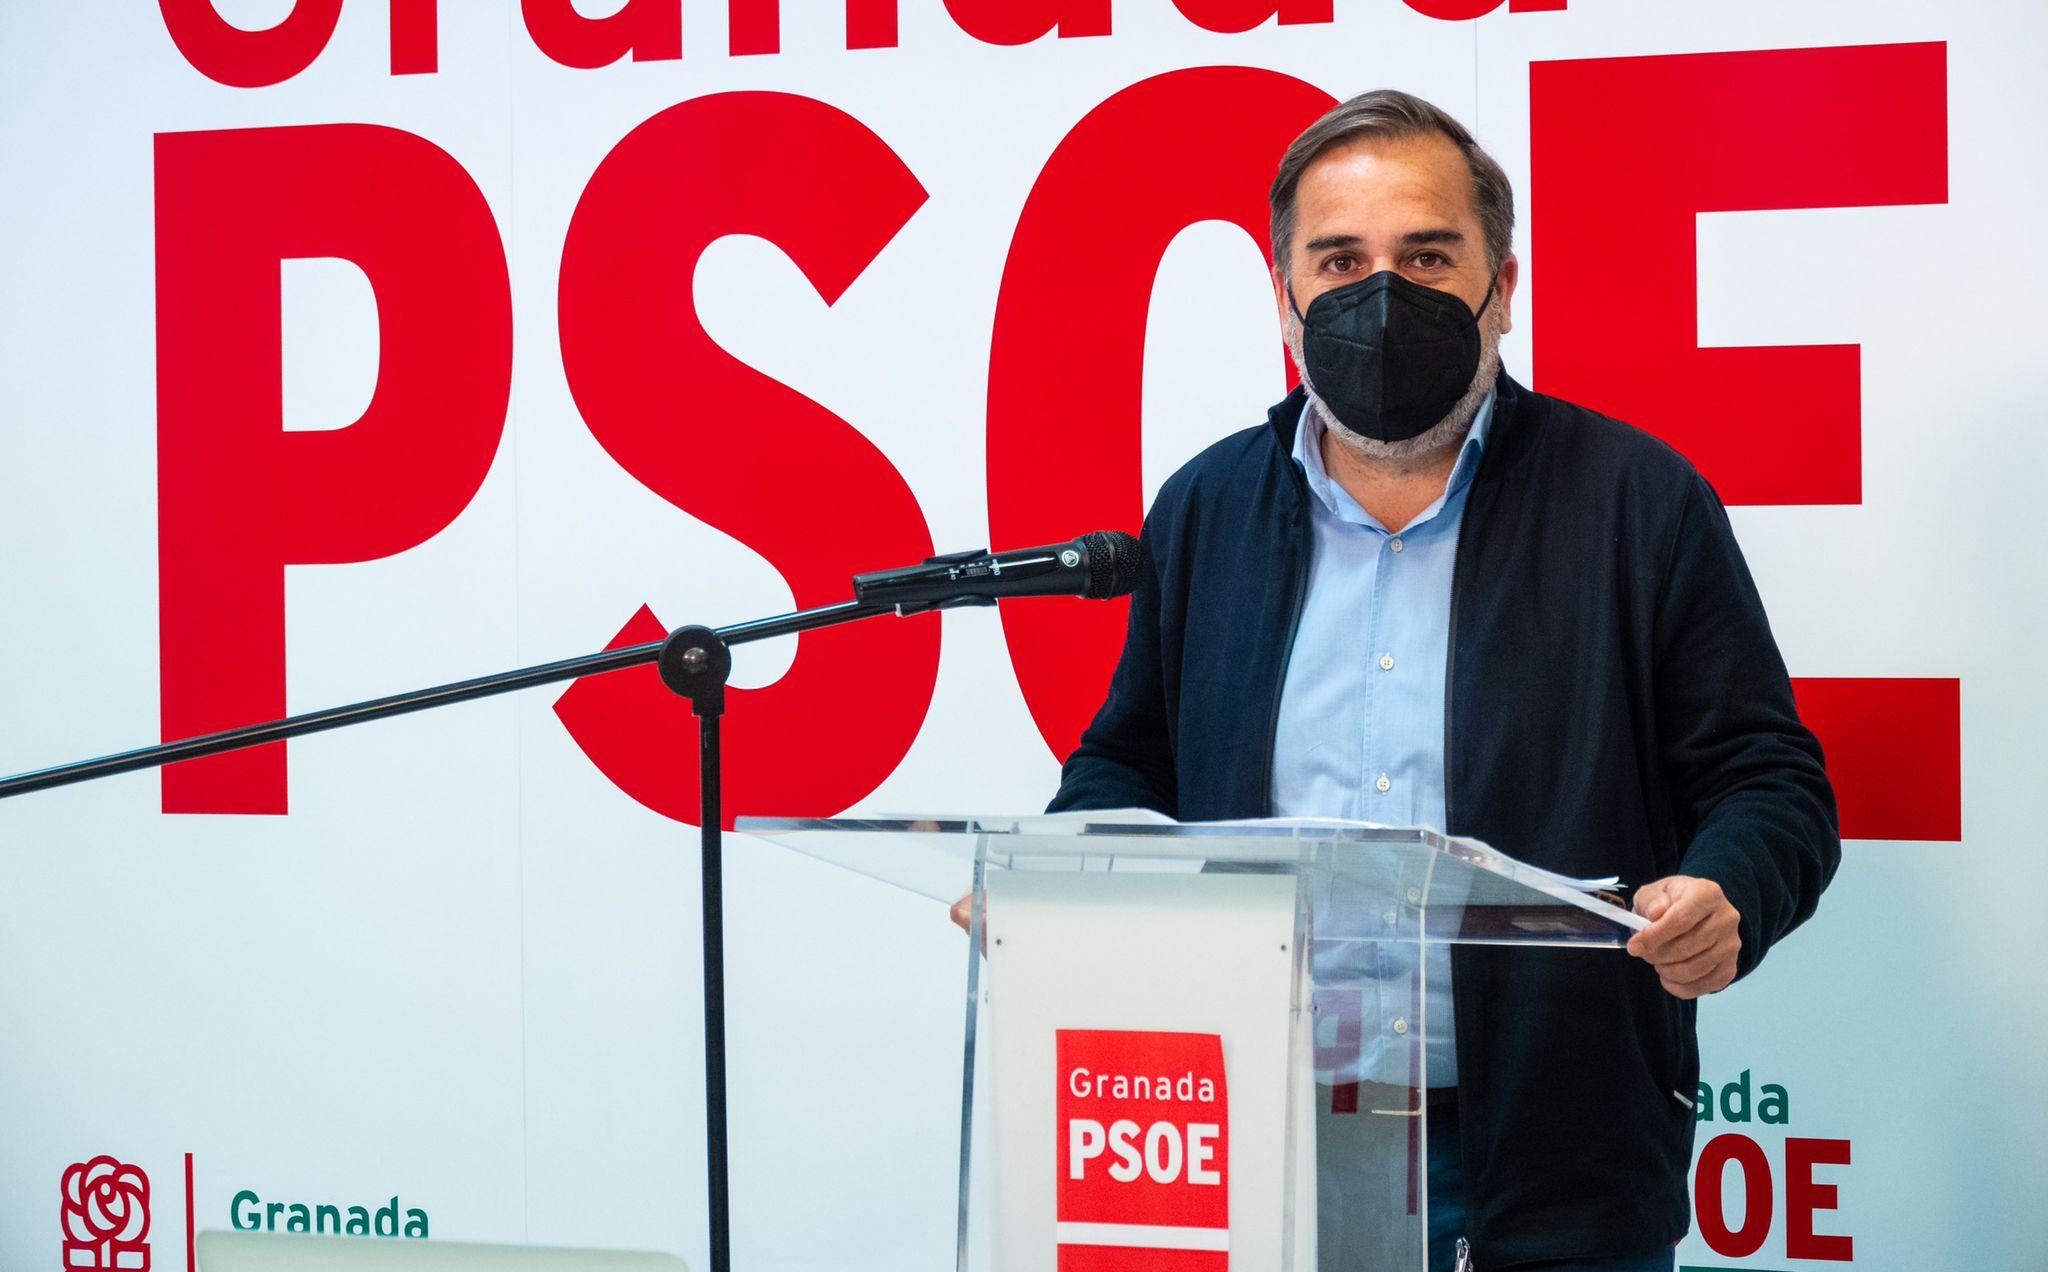 EL PSOE EXIGE LA DIMISIÓN INMEDIATA DEL GOBIERNO DE LA CIUDAD DE GRANADA WhatsApp-Image-2021-06-04-at-13.27.08